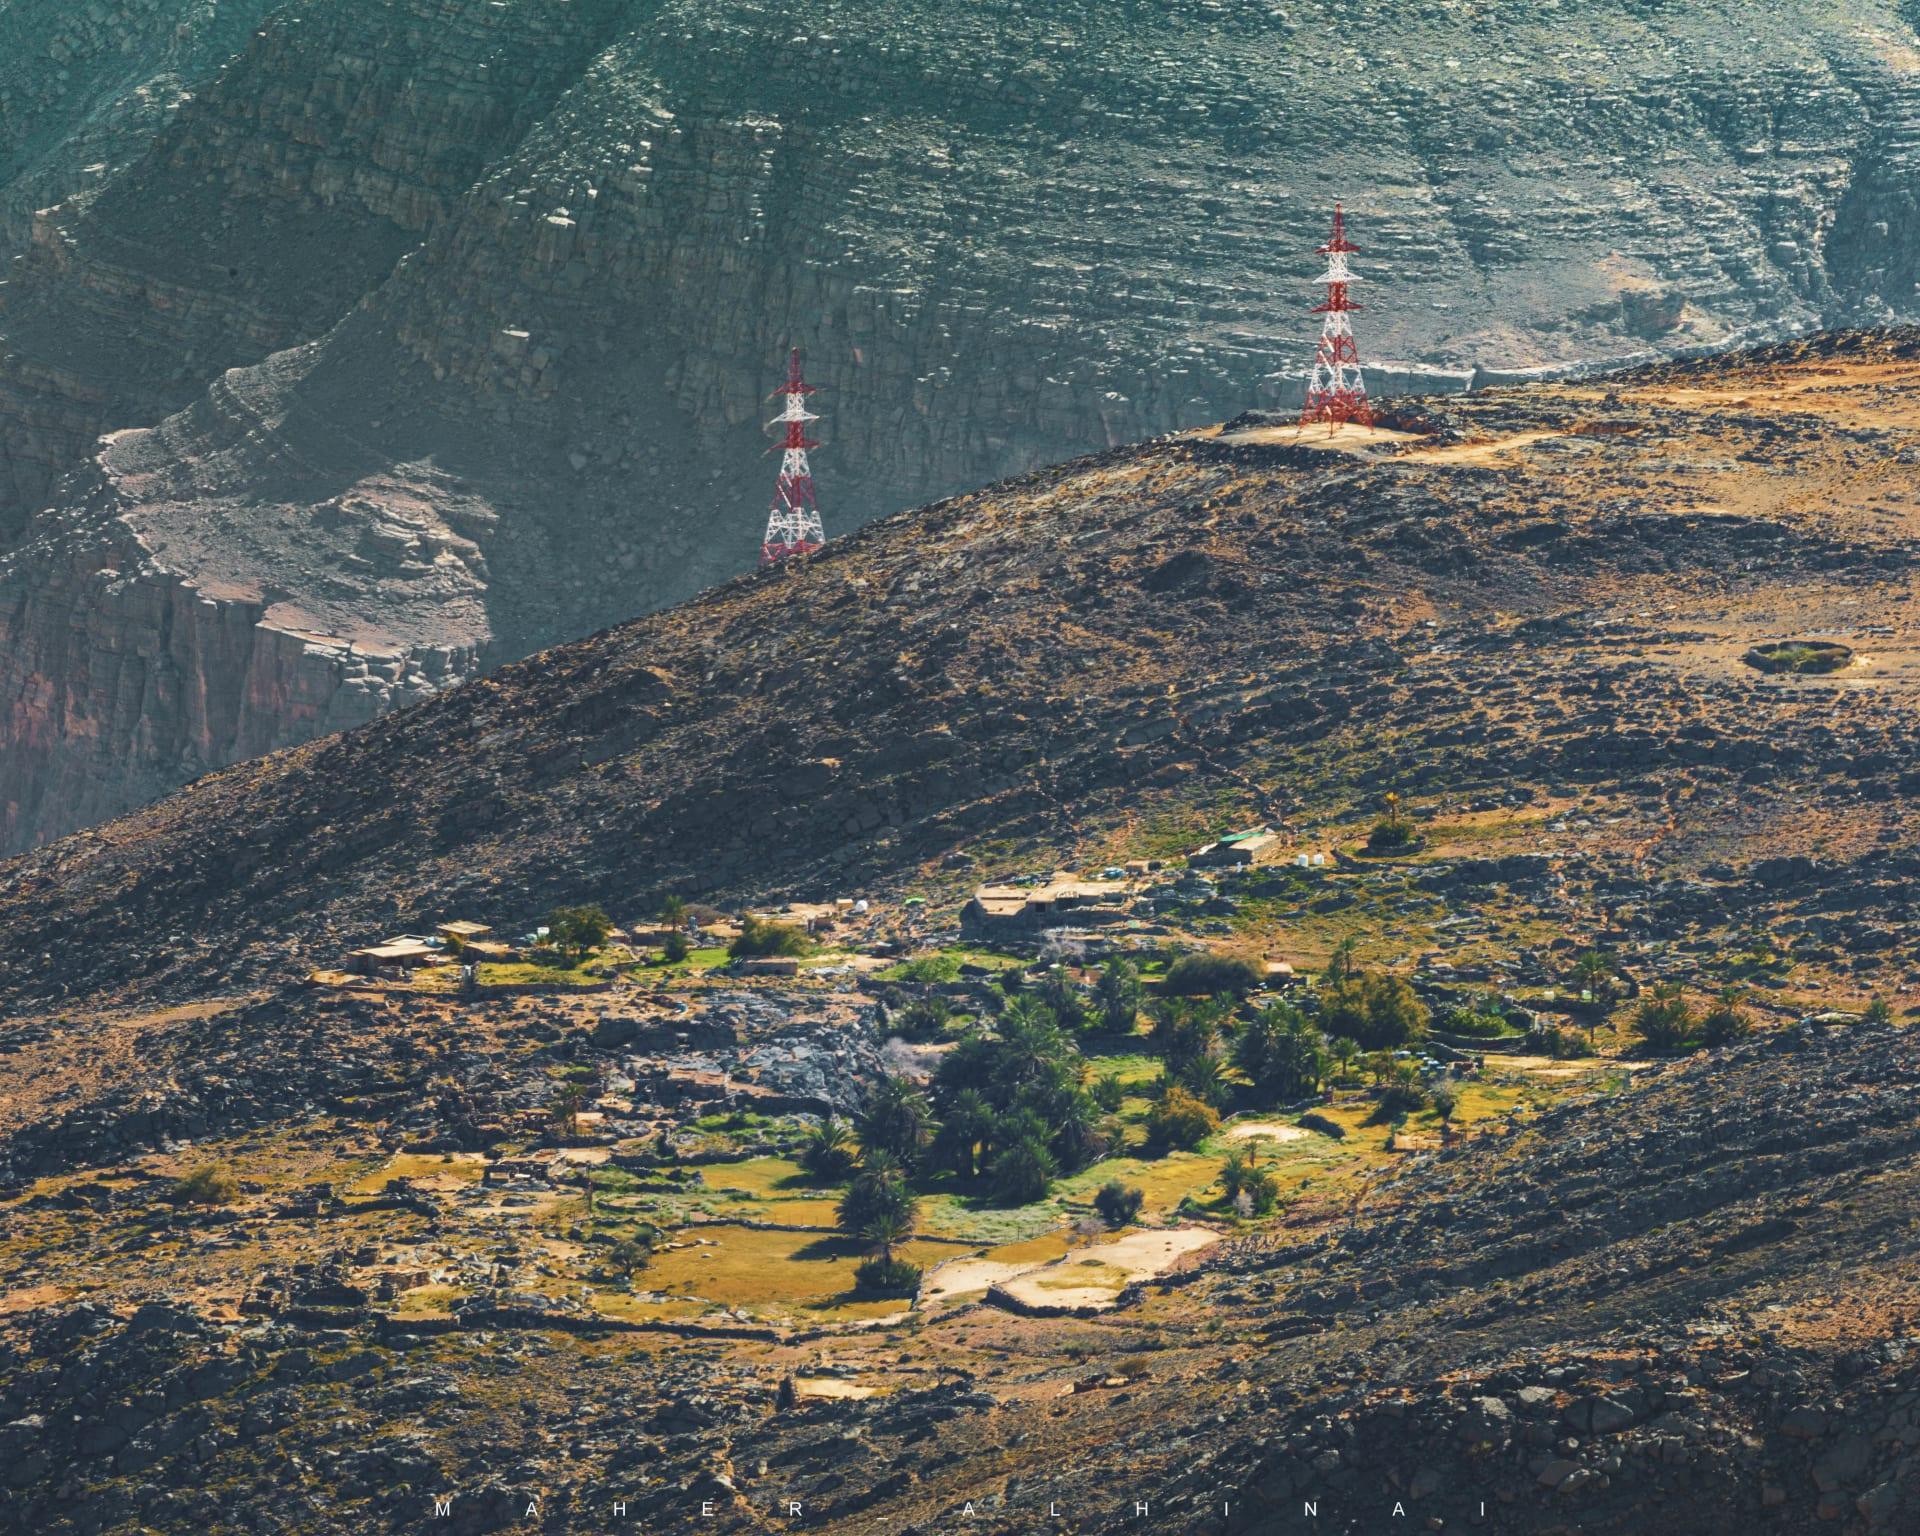 أحافير بحرية تعود لملايين الأعوام.. كيف انتهى المطاف بها على قمة هذا الجبل بعمان؟